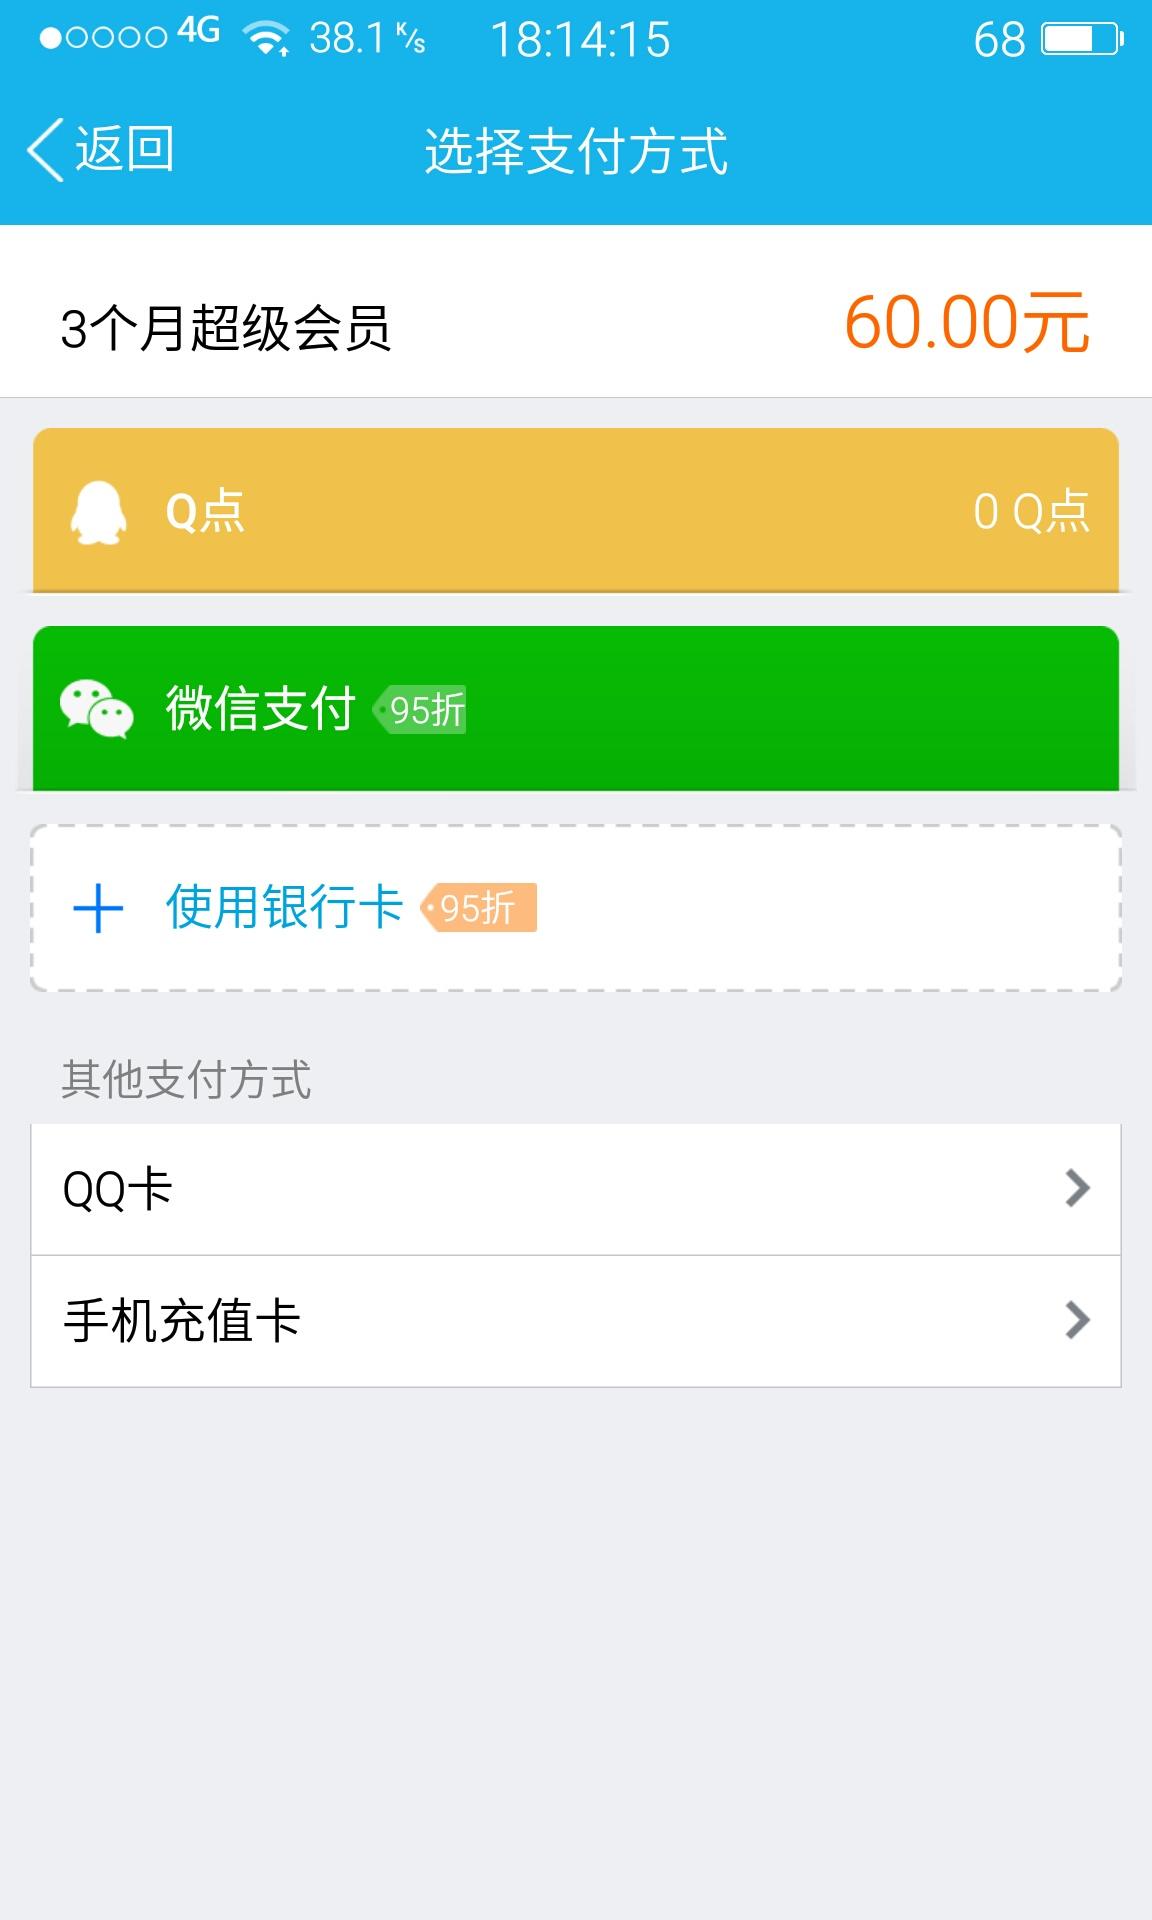 移动手机卡刷qq_怎么用手机卡给qq开会员?手机还有30多